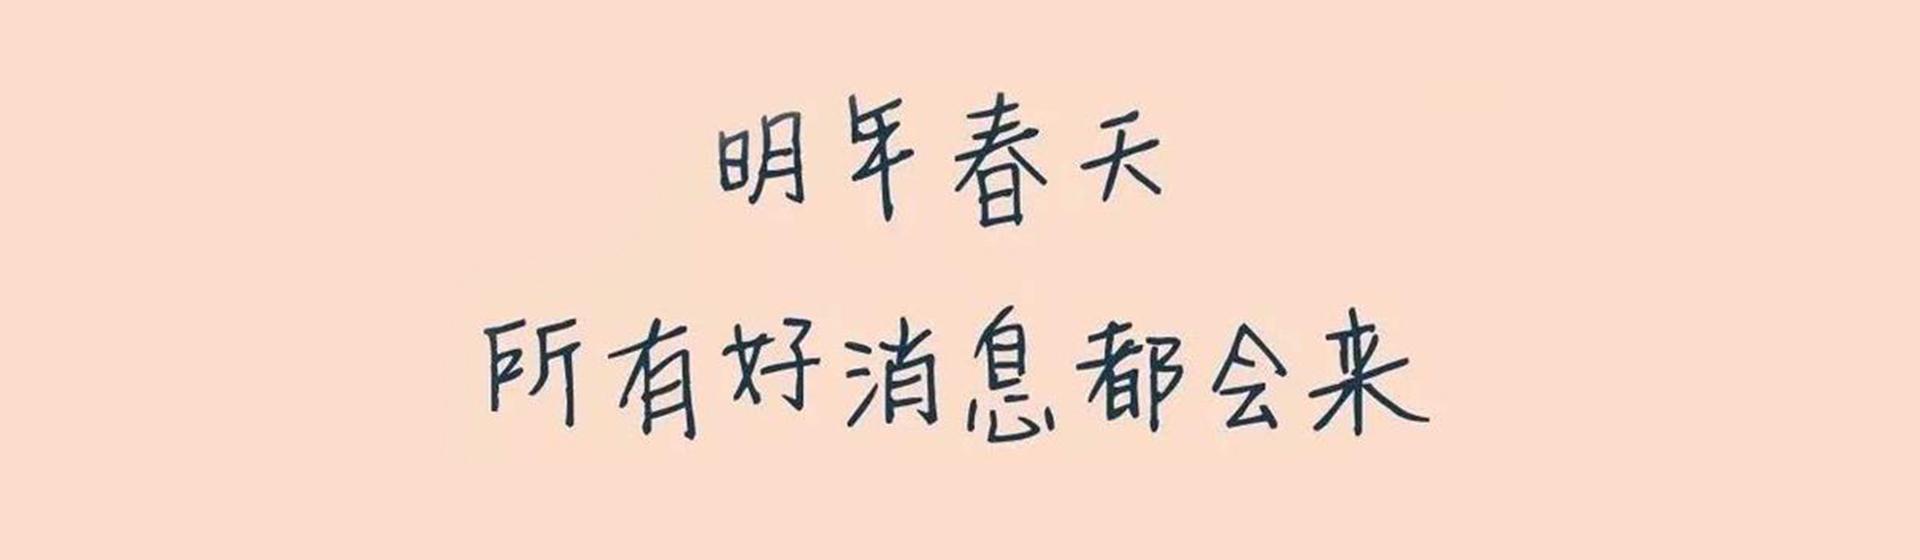 【考研人】拼了命的日子,愿星光不负赶路人!!!